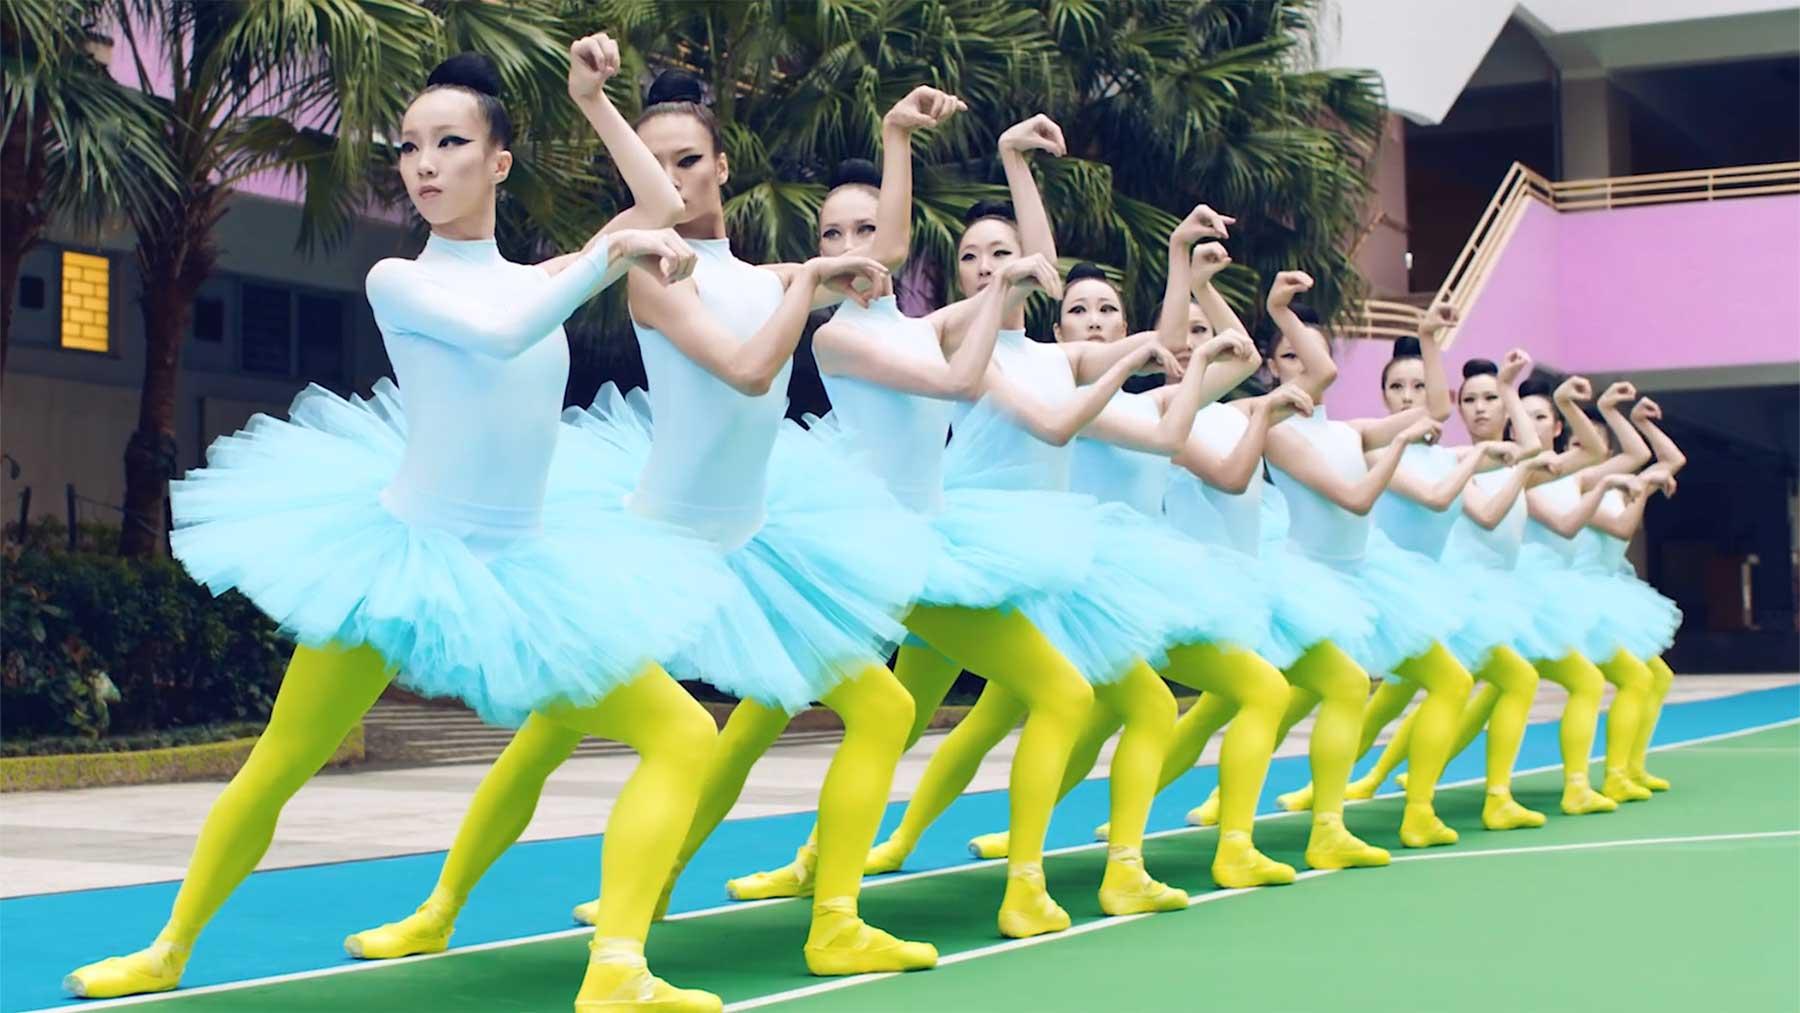 Cooles Video zu 40 Jahren Hong Kong Ballett 40-jahre-hong-kong-ballett